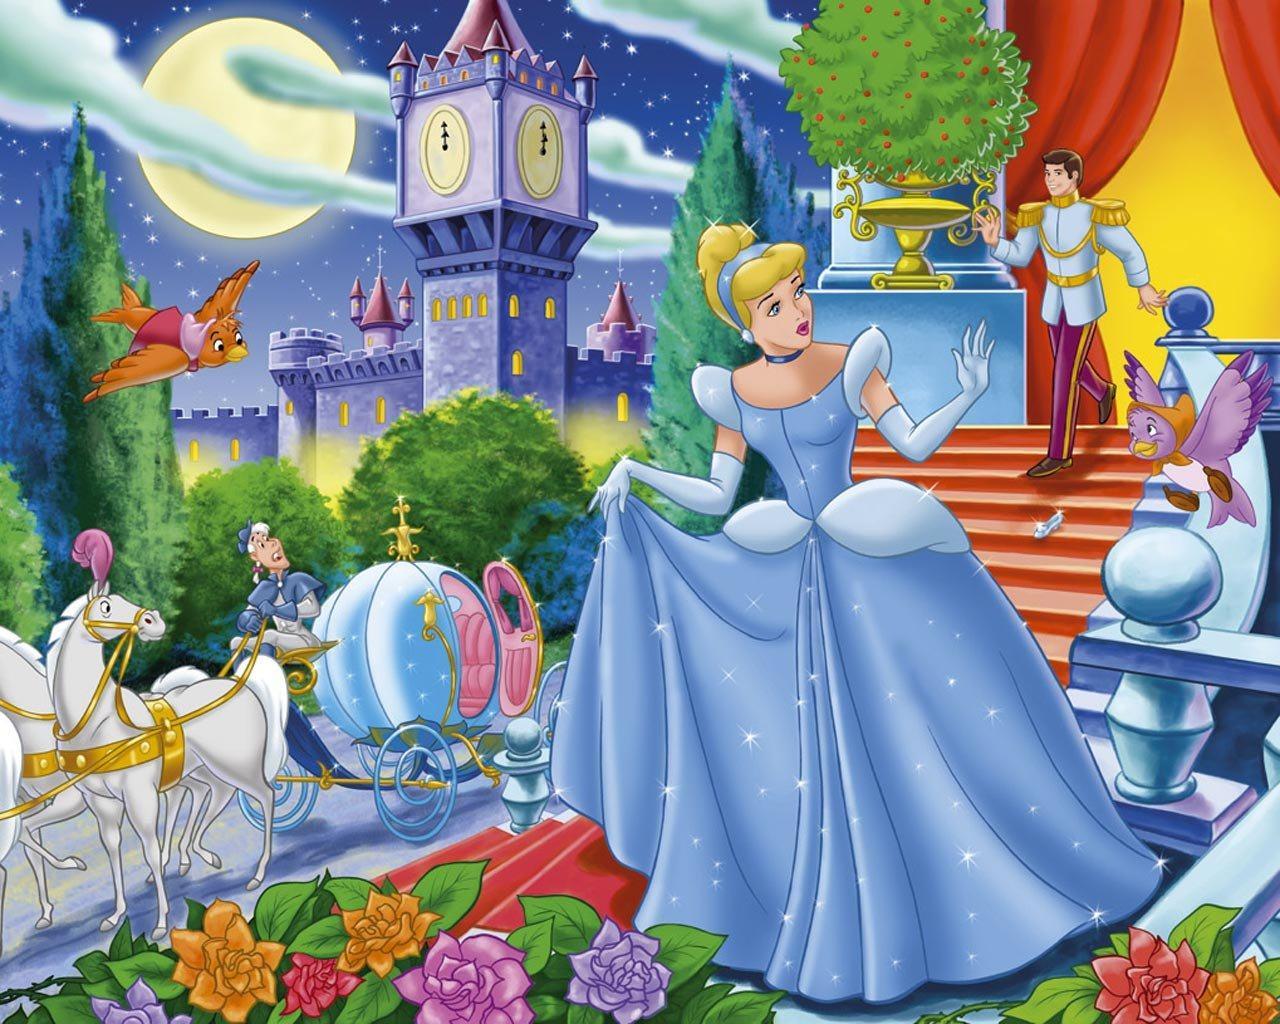 disney princess wallpapers 3d Girls HD Wallpapers Backgrounds d 1280x1024